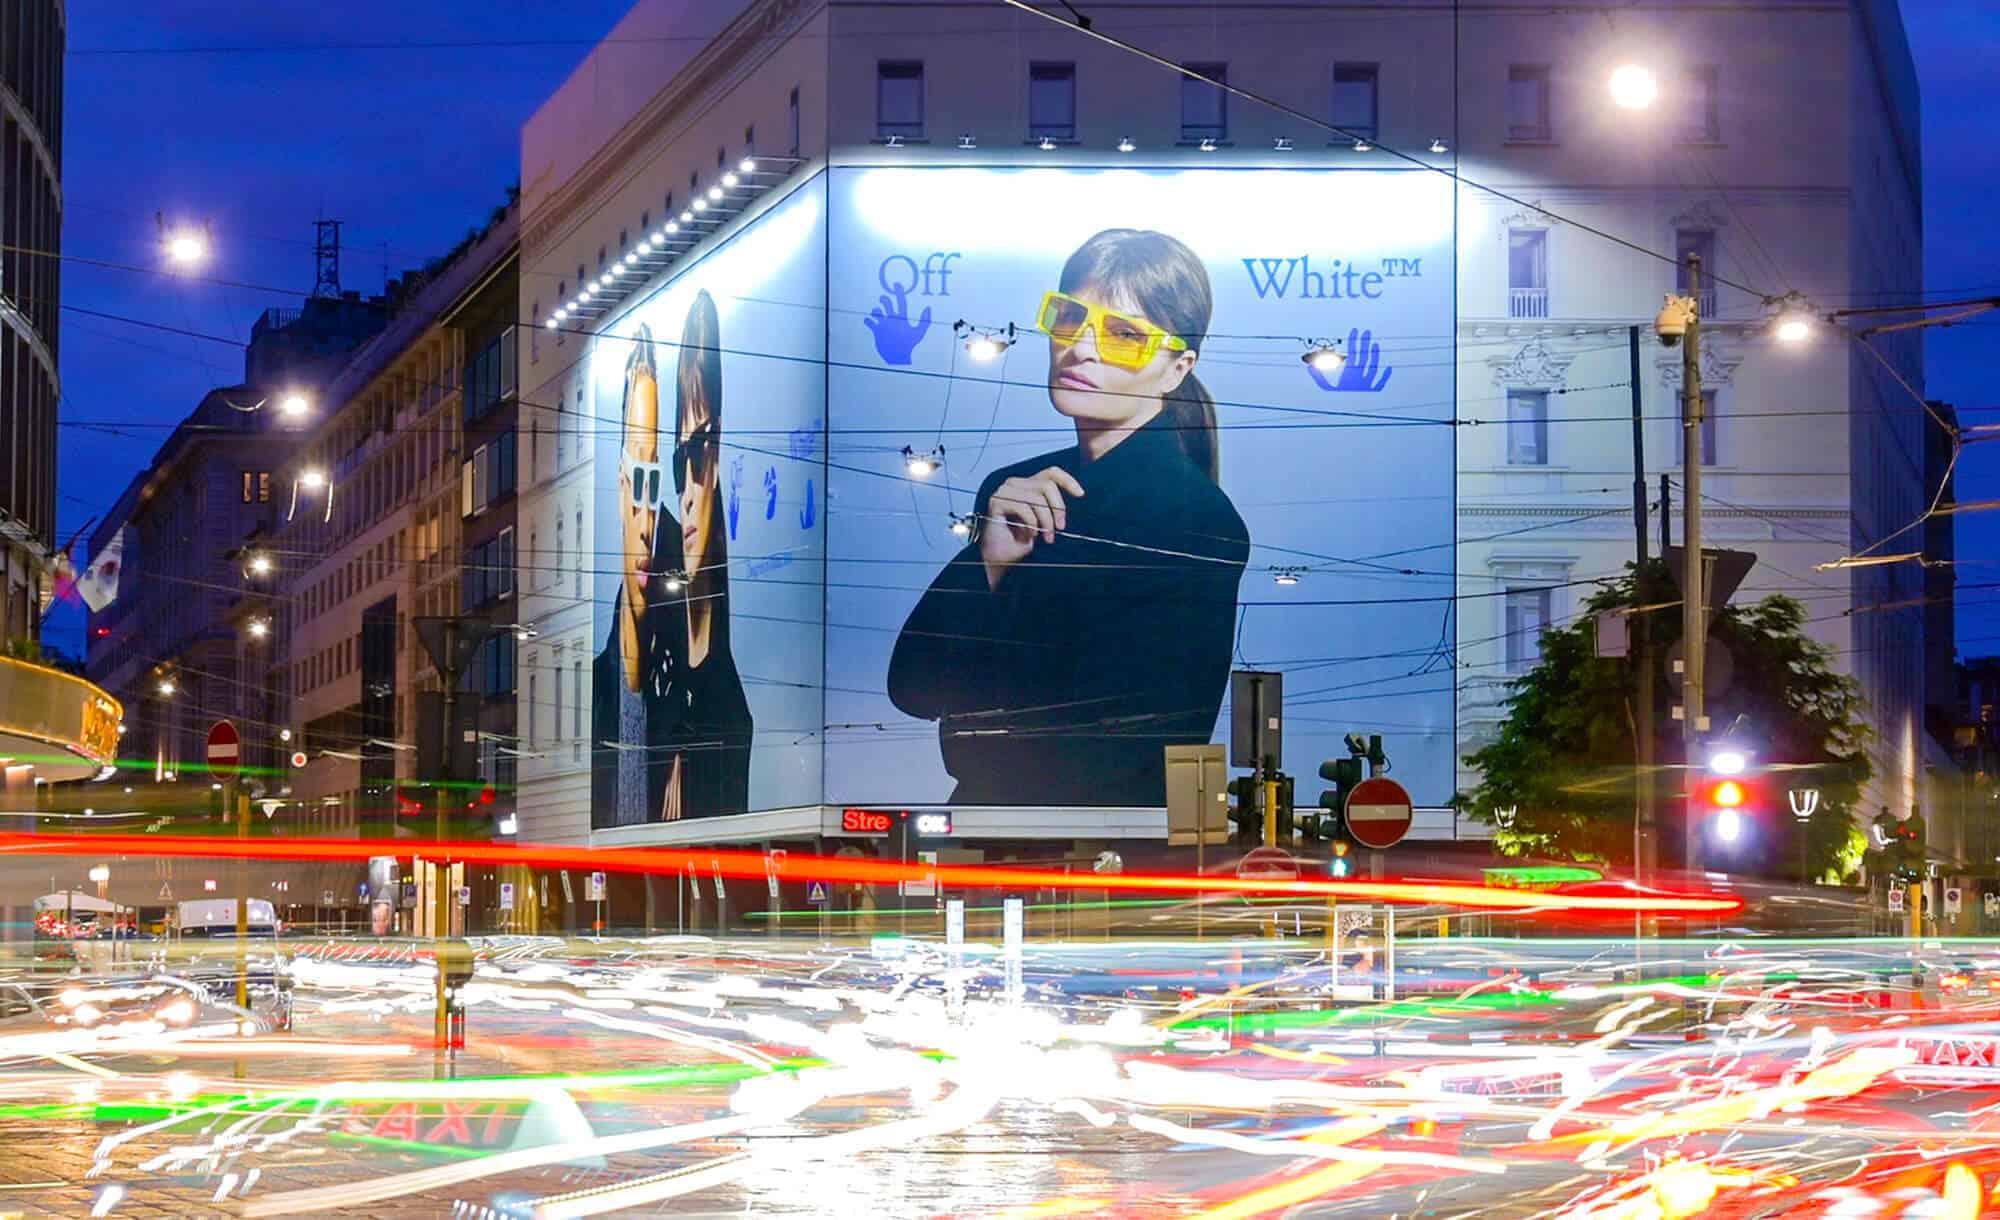 Maxi Affissione a Milano in Piazza Cavour 5 con Off-White (Fashion)